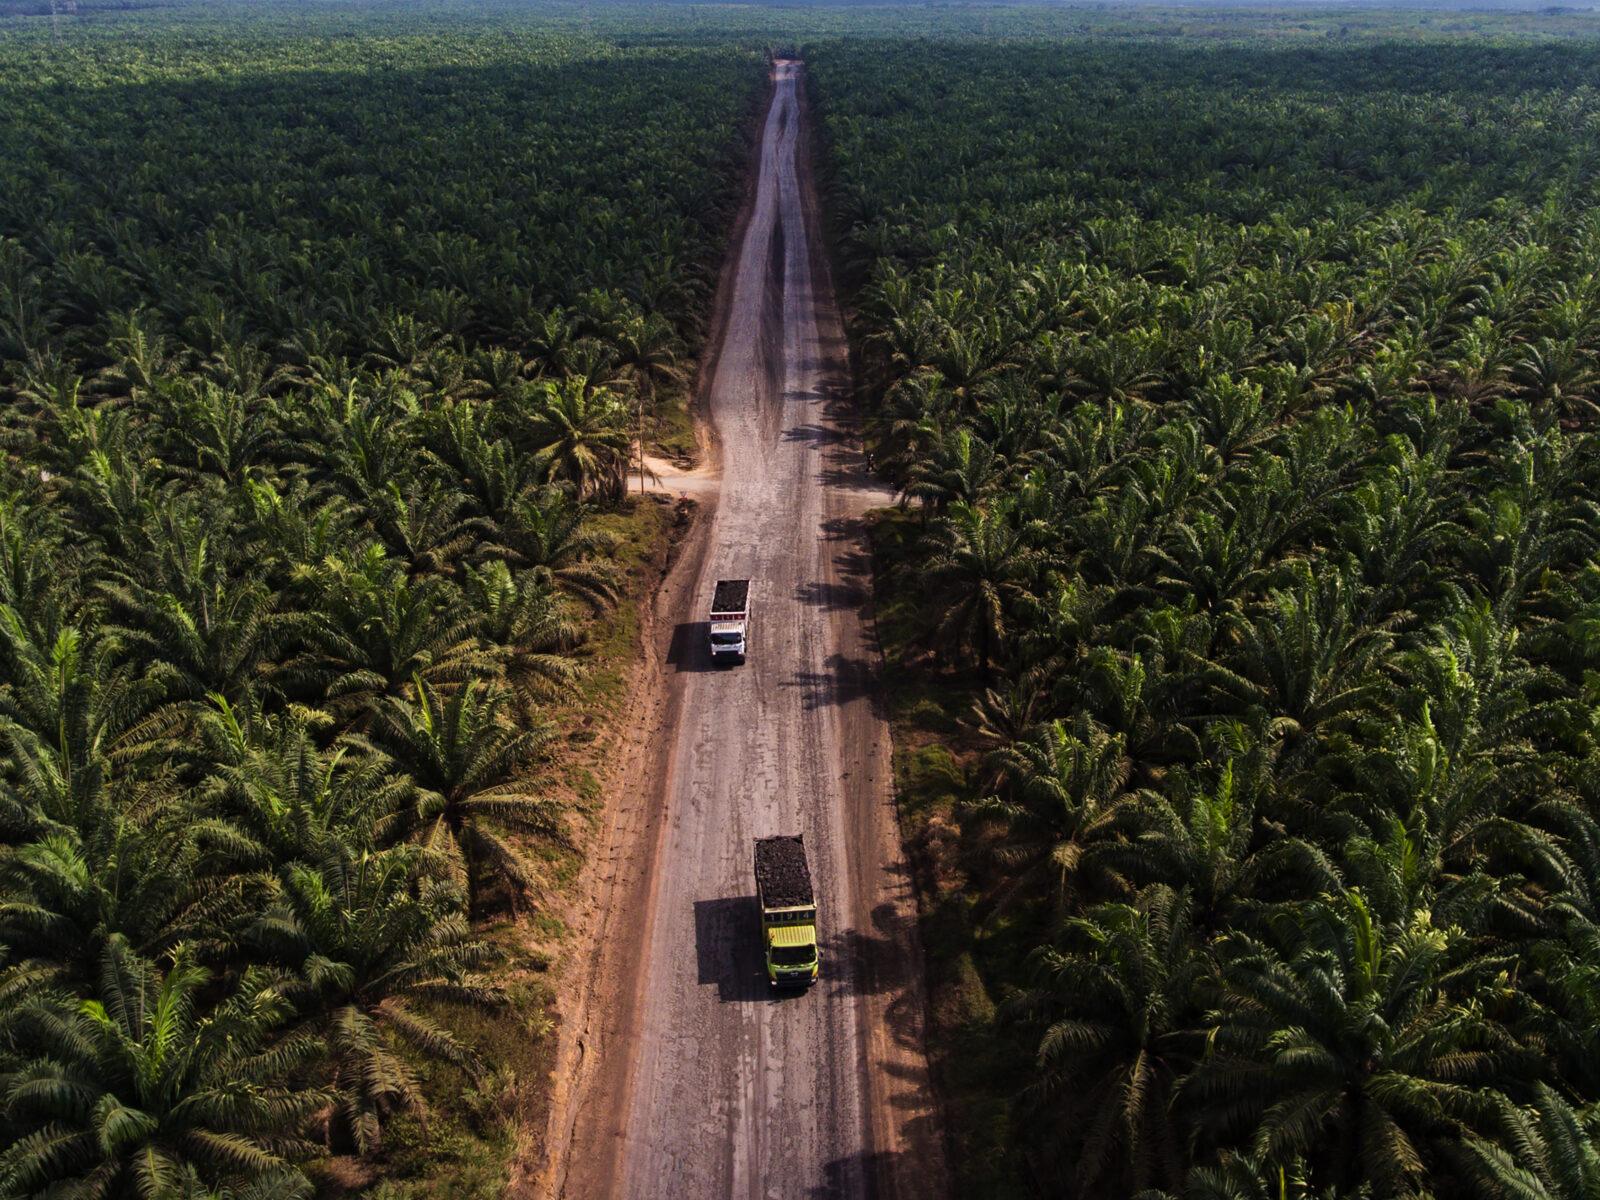 Indonesien, Palmolja, Palm Oil, Oil, Plantage, Deforestation, Avskogning, Exploatering